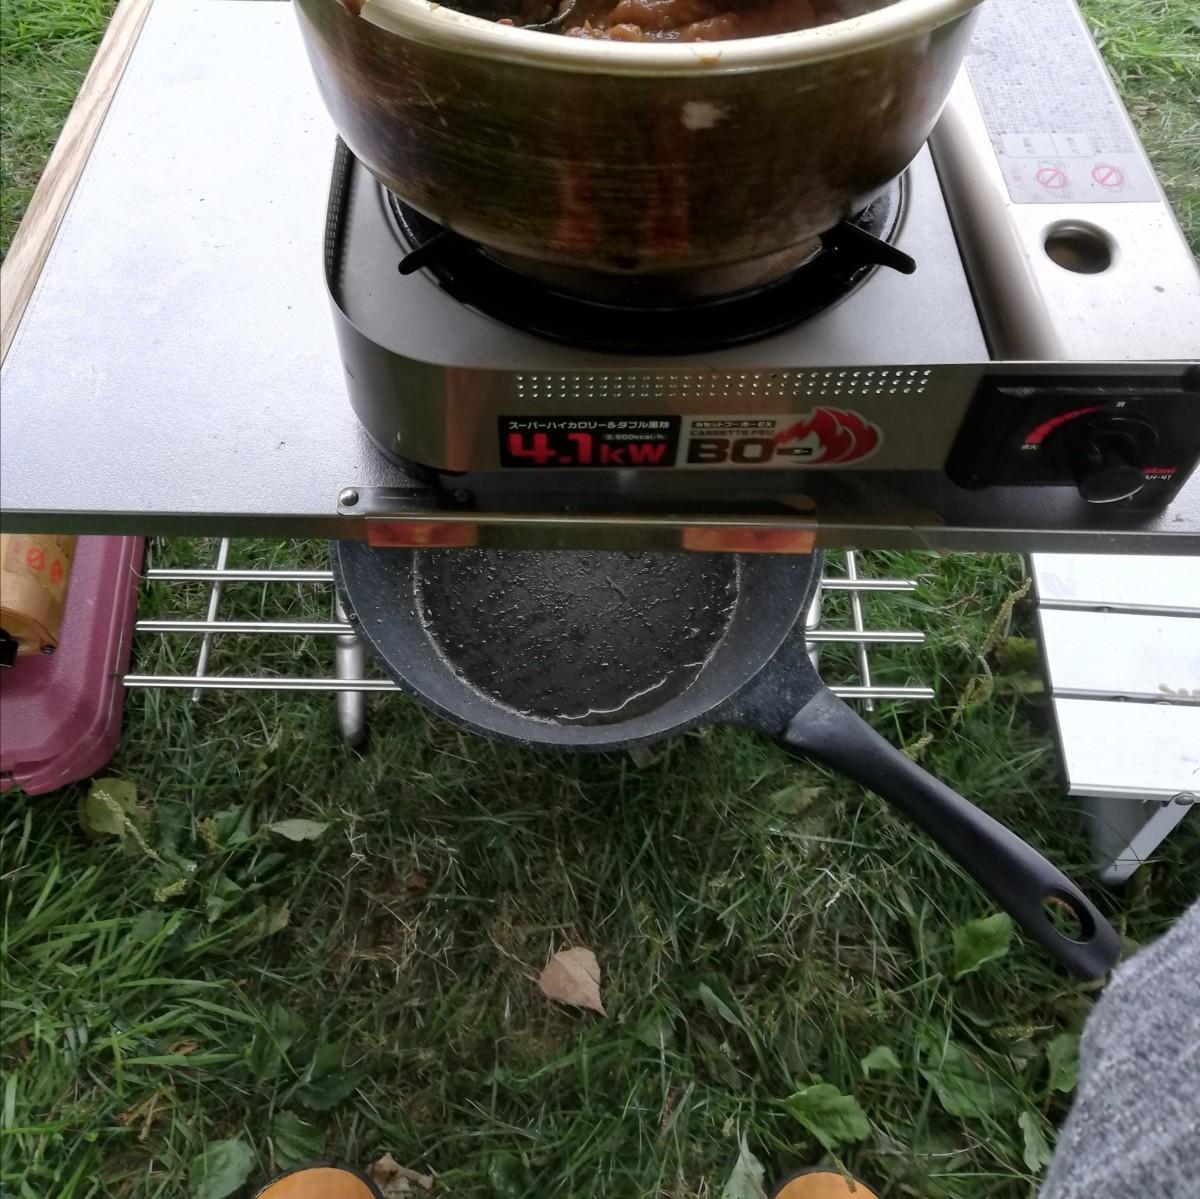 ユニフレーム 焚火テーブル 用 ステンレスラック カスタムパーツ 焚き火テーブル 焚き火台テーブル アウトドア UNIFLAME